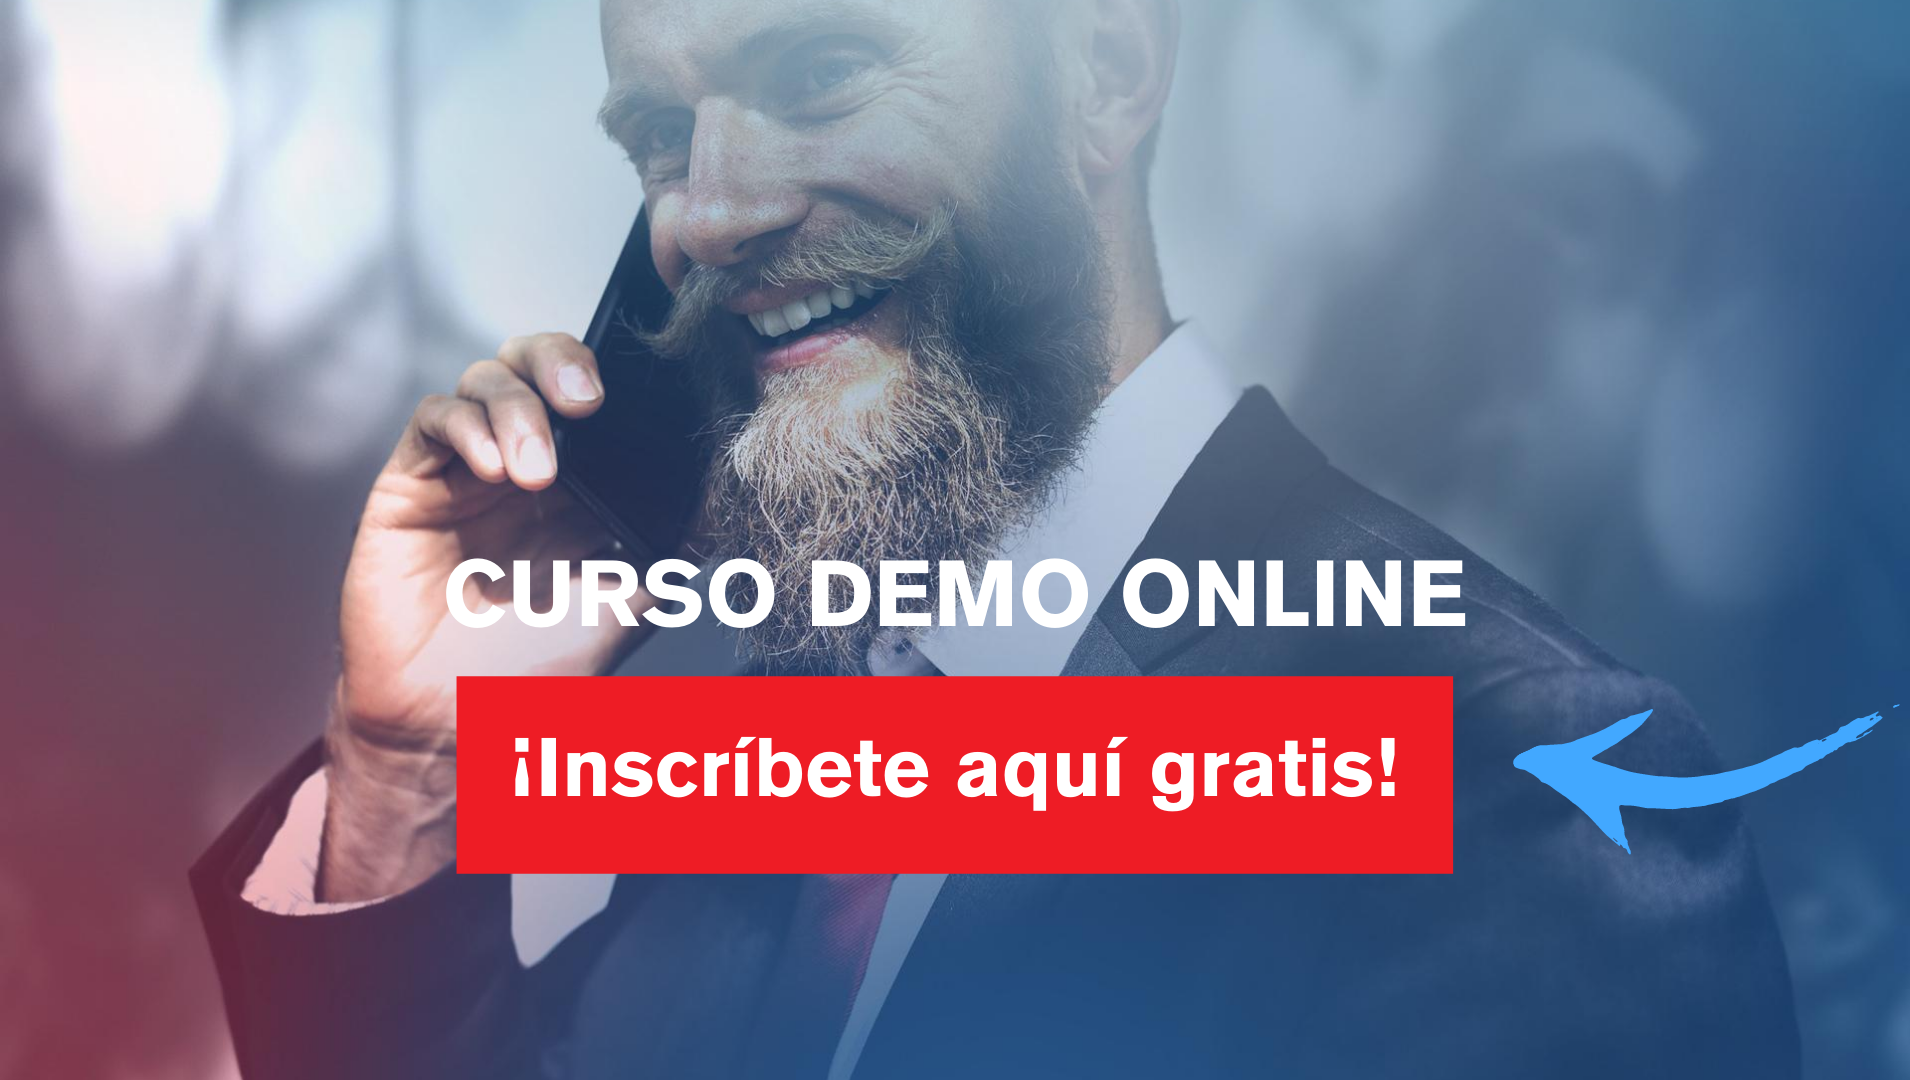 Inscríbete al curso demo gratis